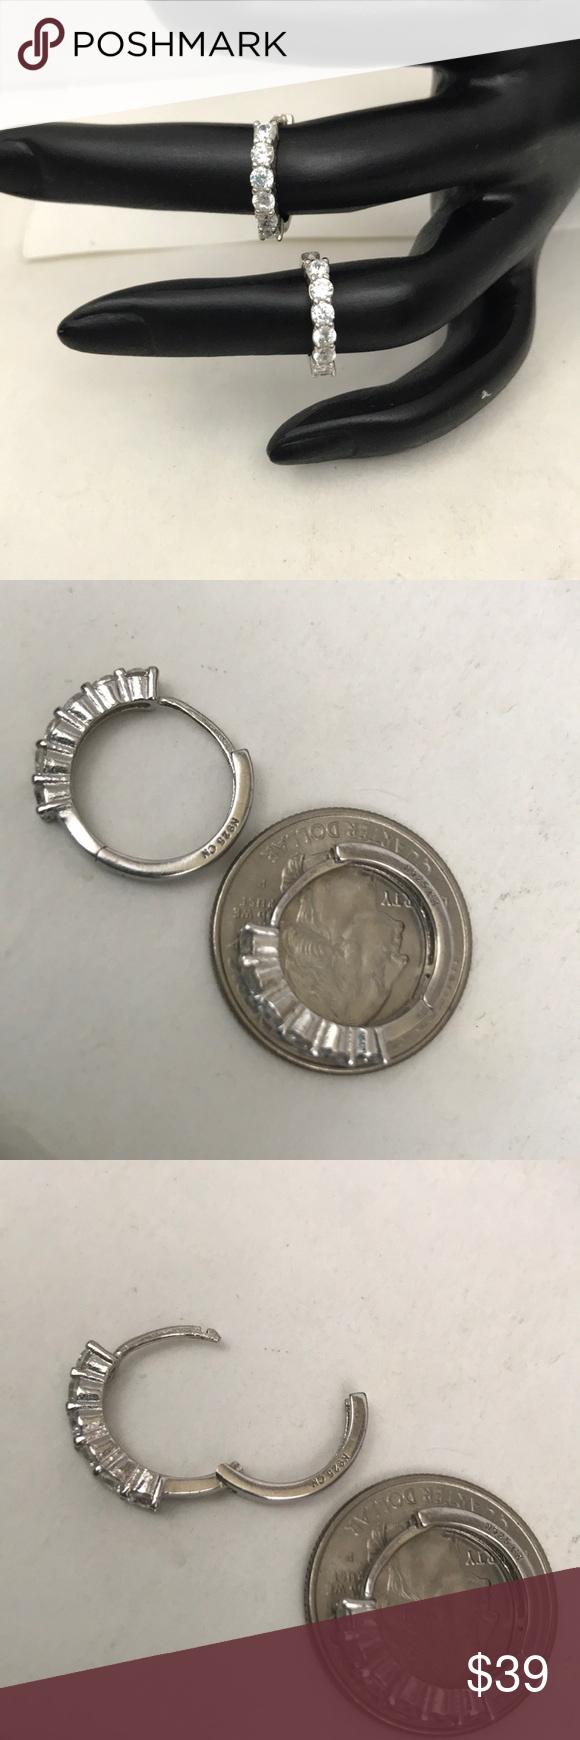 Elegant sterling silver & CZ earrings Stamped N 925 cn  6 stones